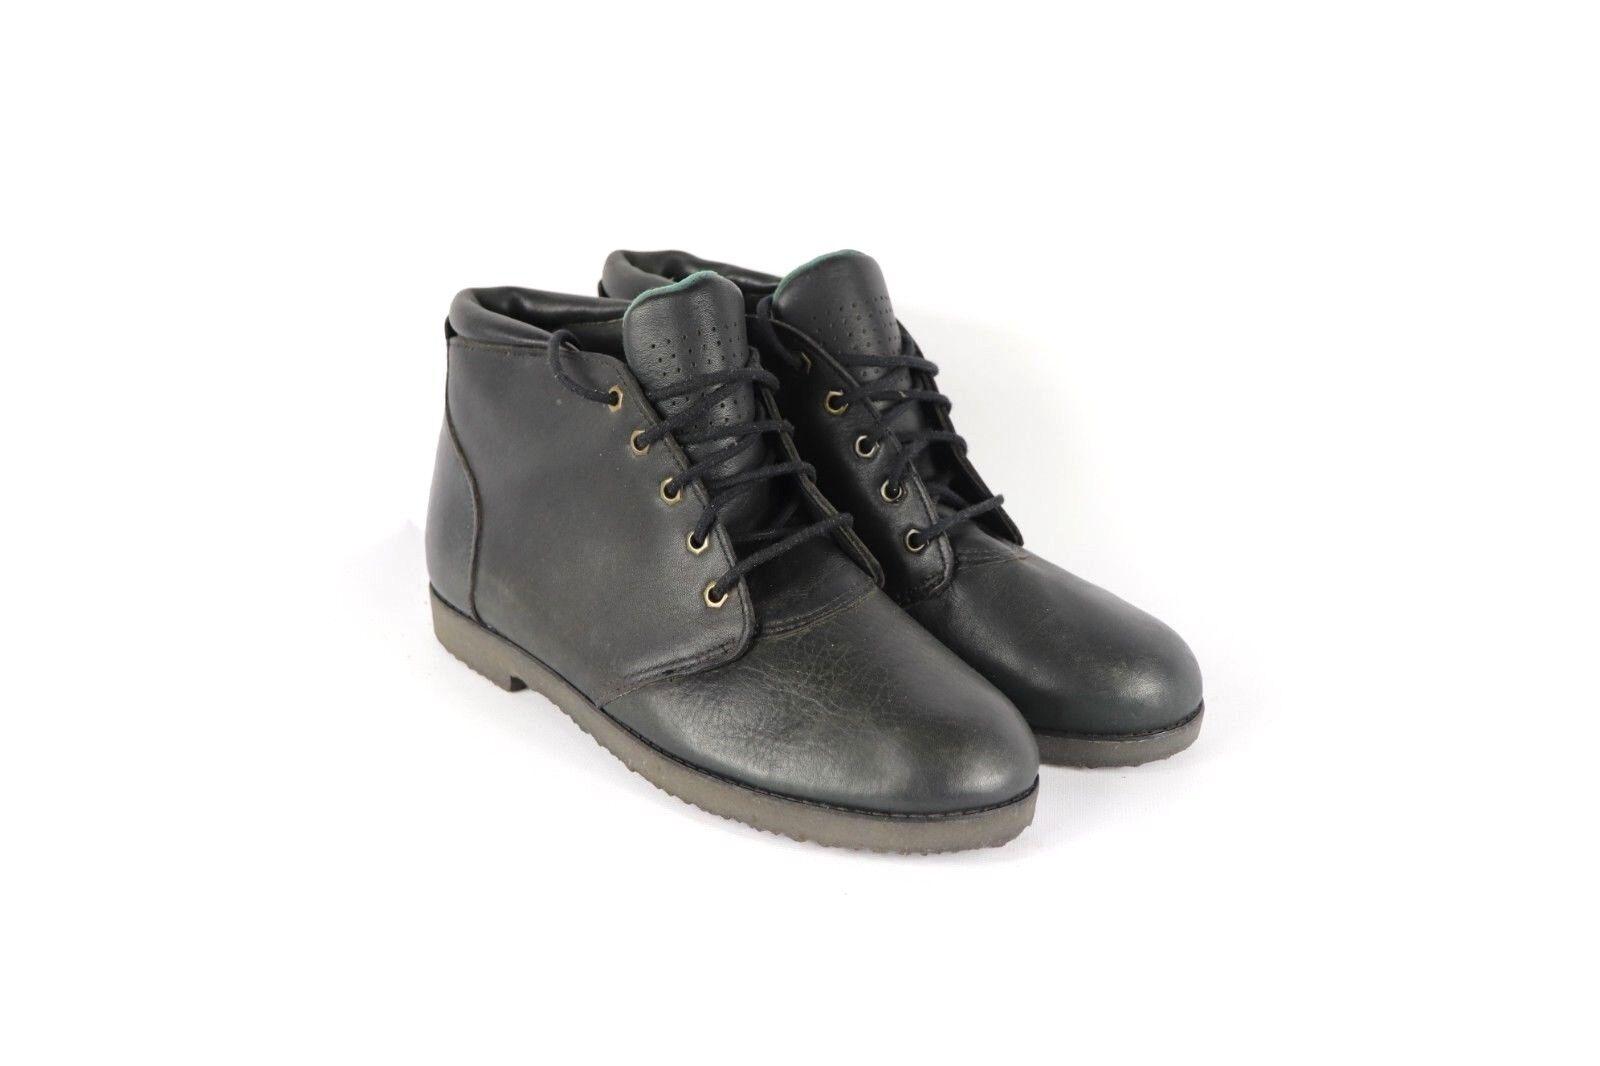 Nuevos Zapatos de ala roja Vintage para mujer 7.5 Cuero Con Cordones Chukka botas Negras Chukkas